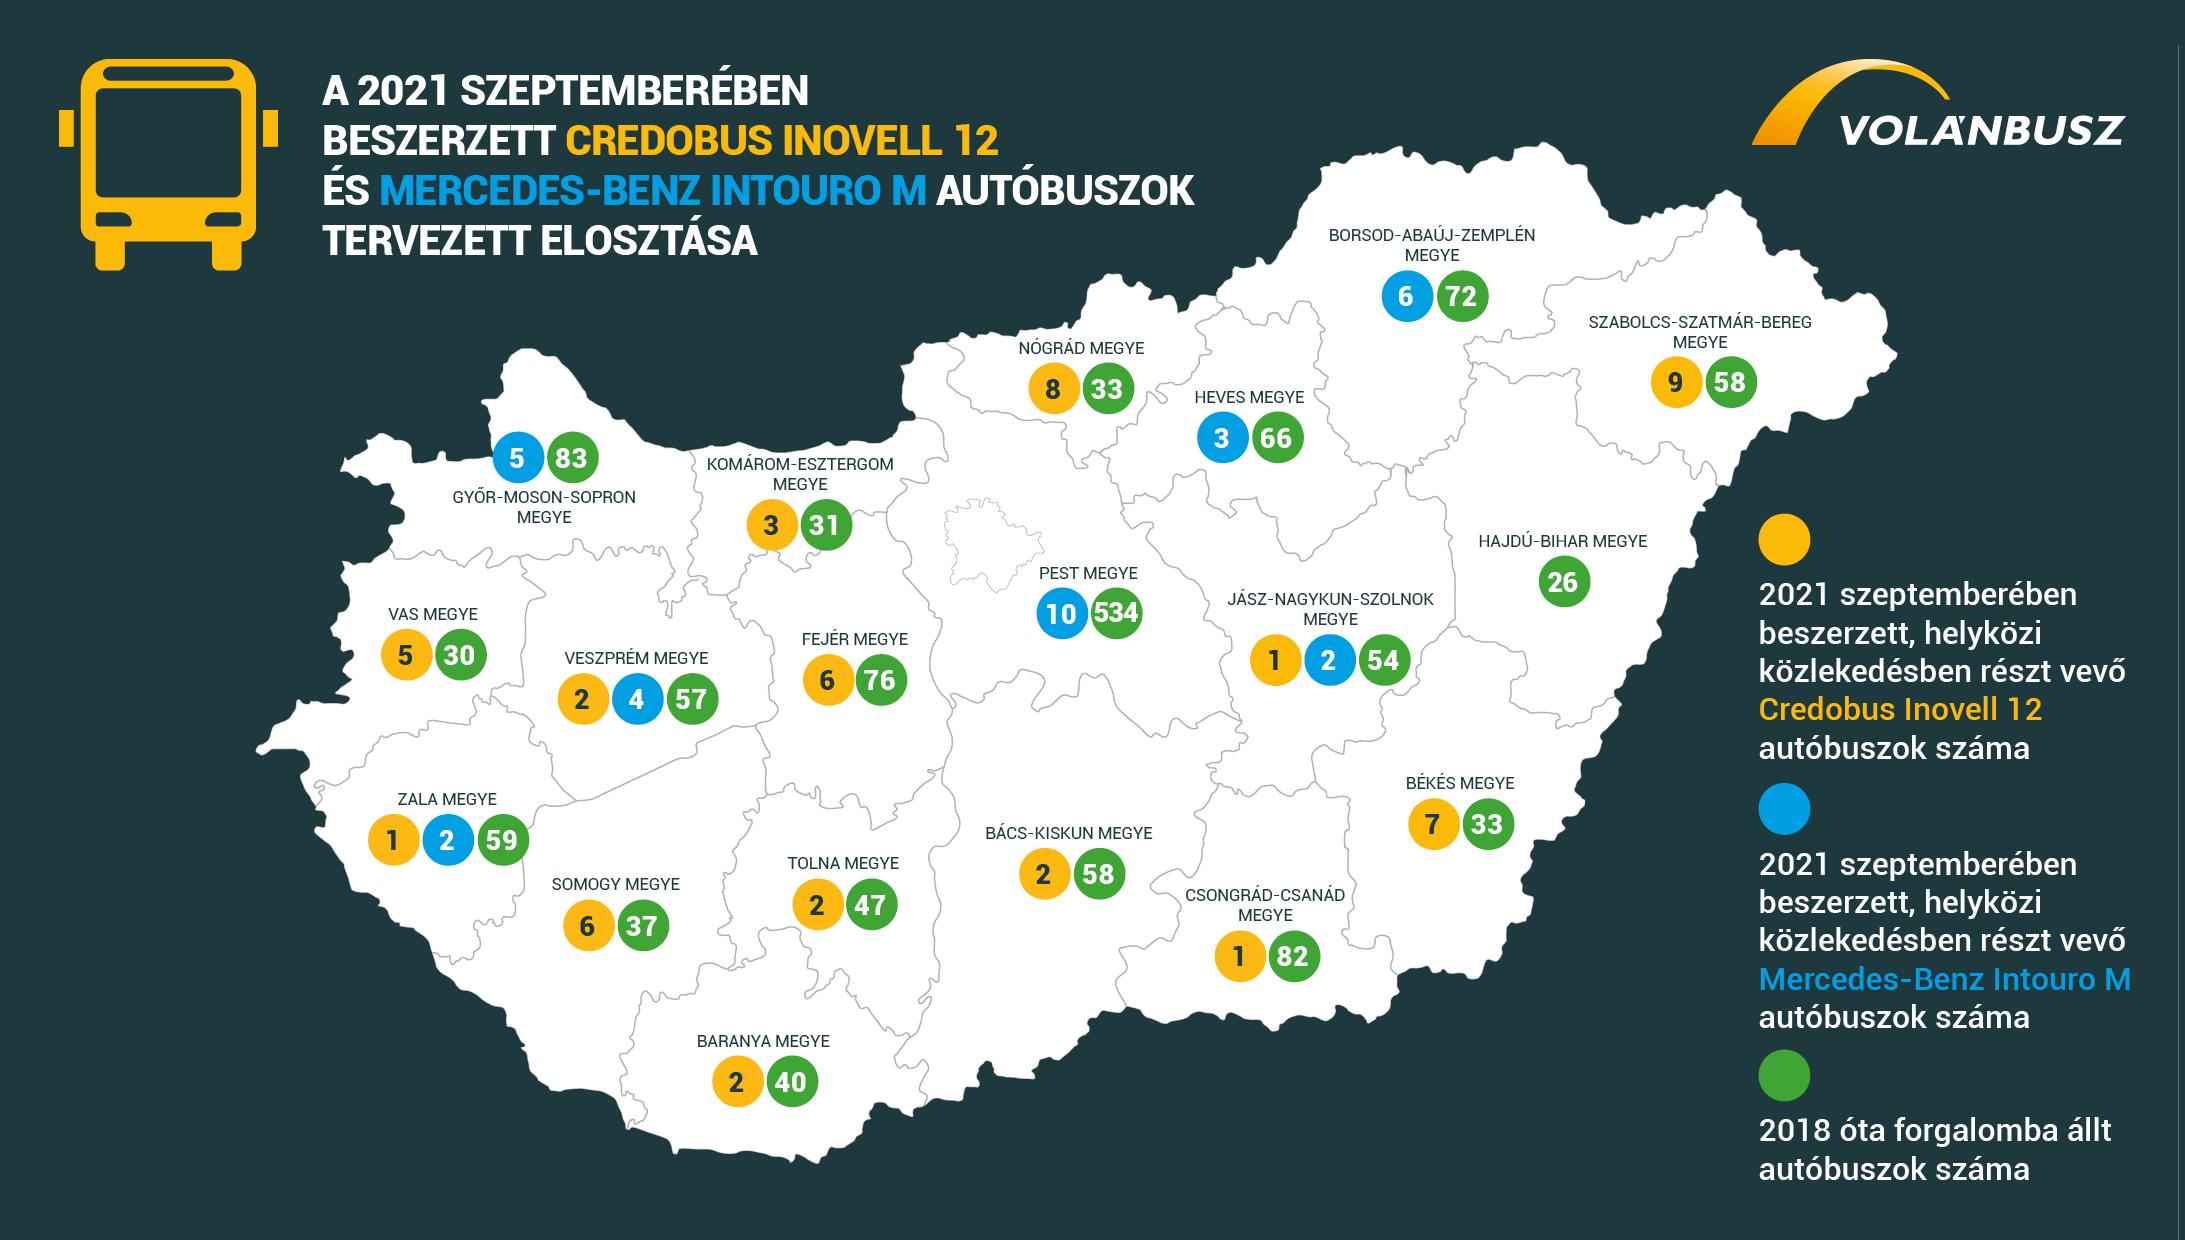 A hamarosan forgalomba álló, valamint a 2018 óta üzembe állított új buszok mennyisége megyei eloszlásban (kép forrása: Volánbusz Zrt.)